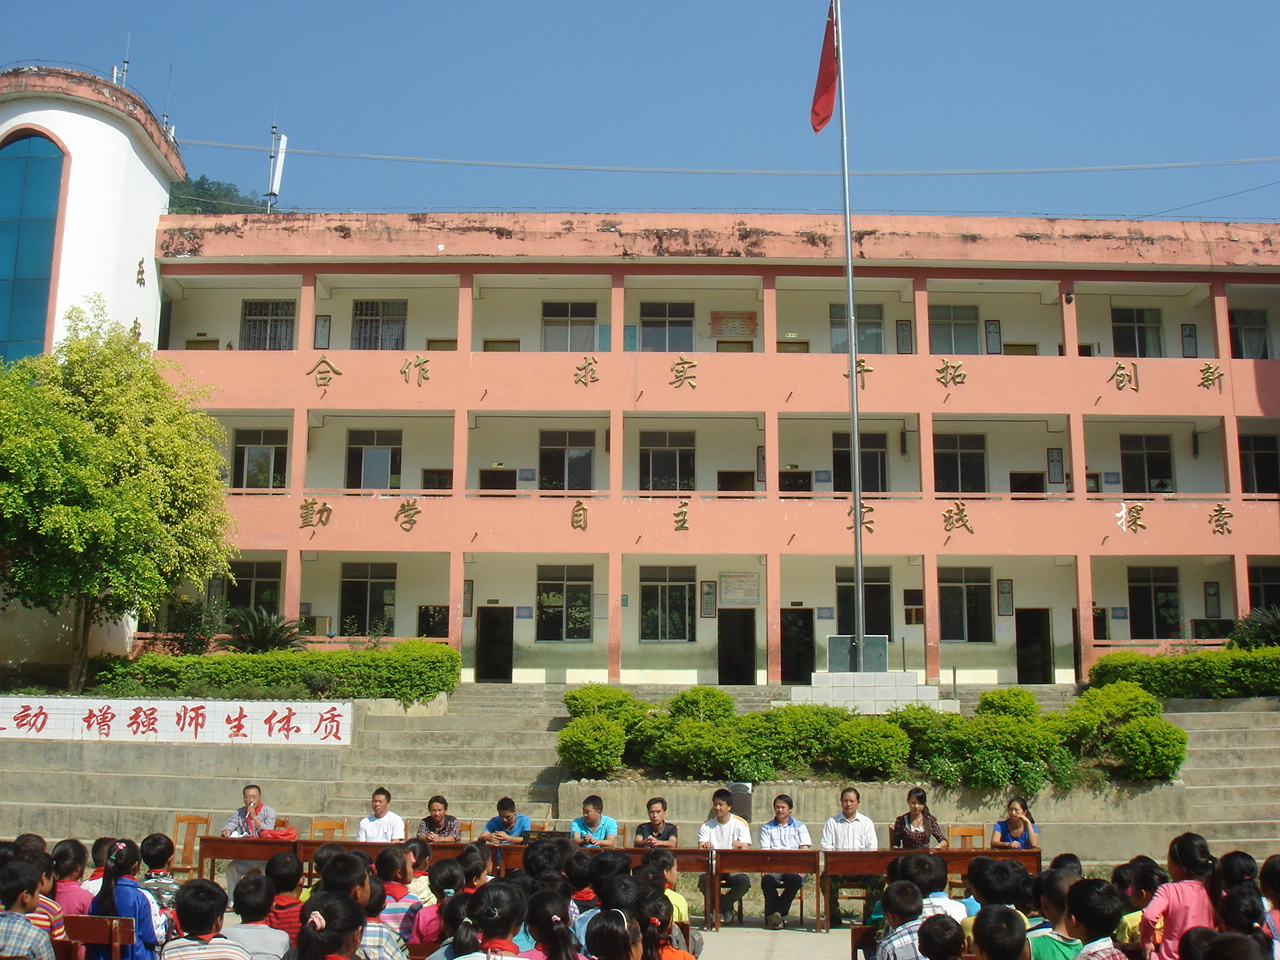 中国小学开展红领巾相约湾塘梦队日主题v小学新埠小学岛图片